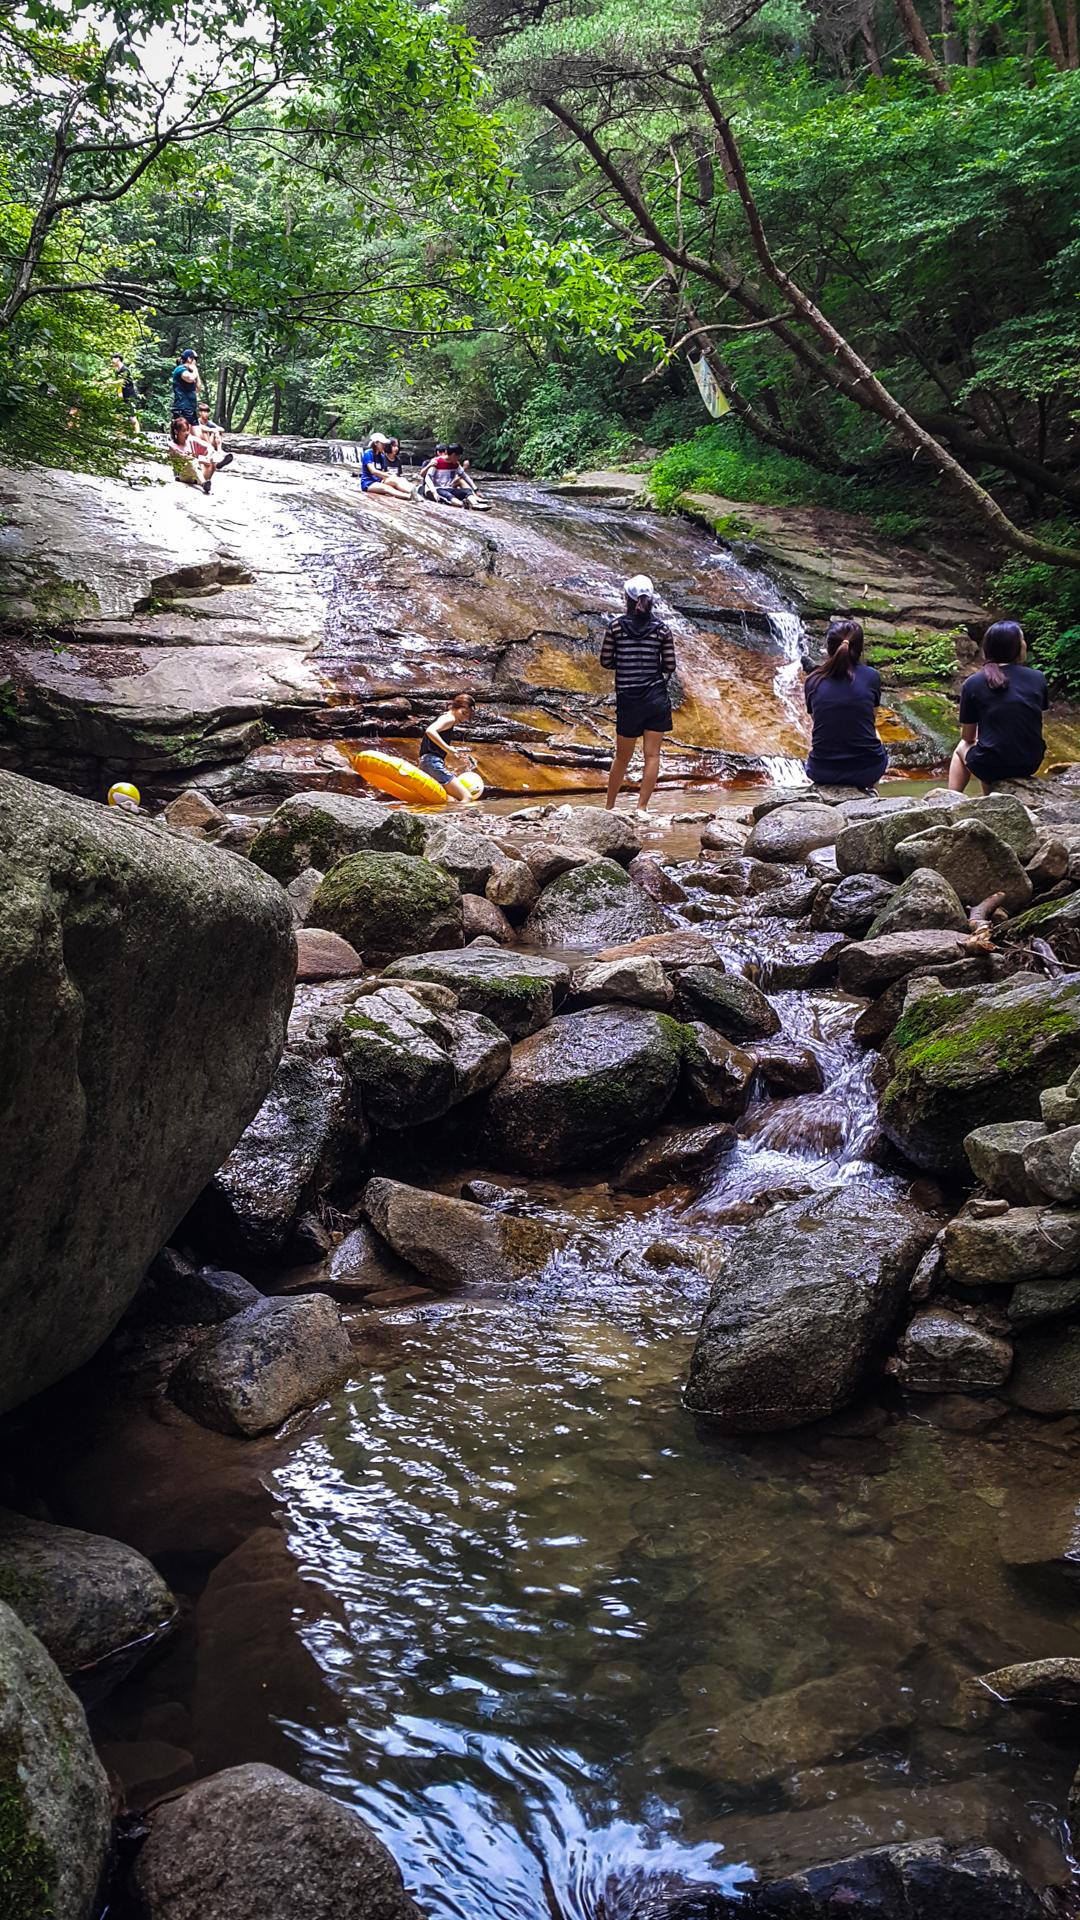 Daegu | Sutaegol Valley in Palgongsan